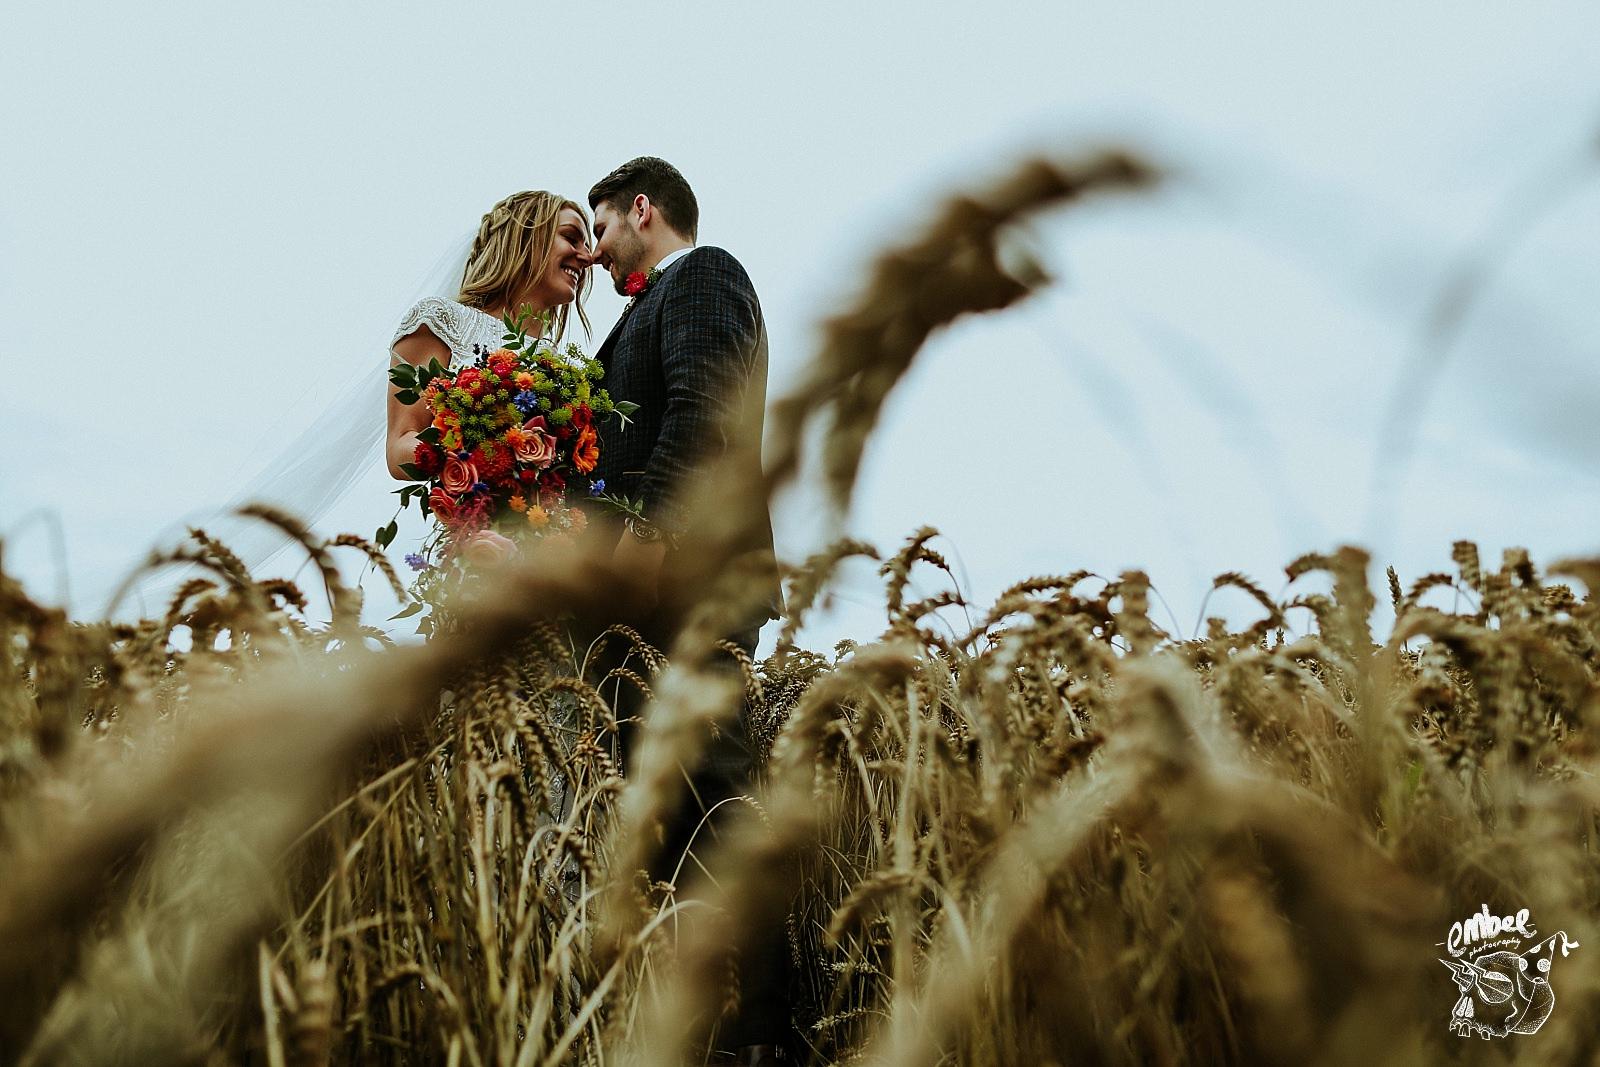 couple getting cute in wheat field